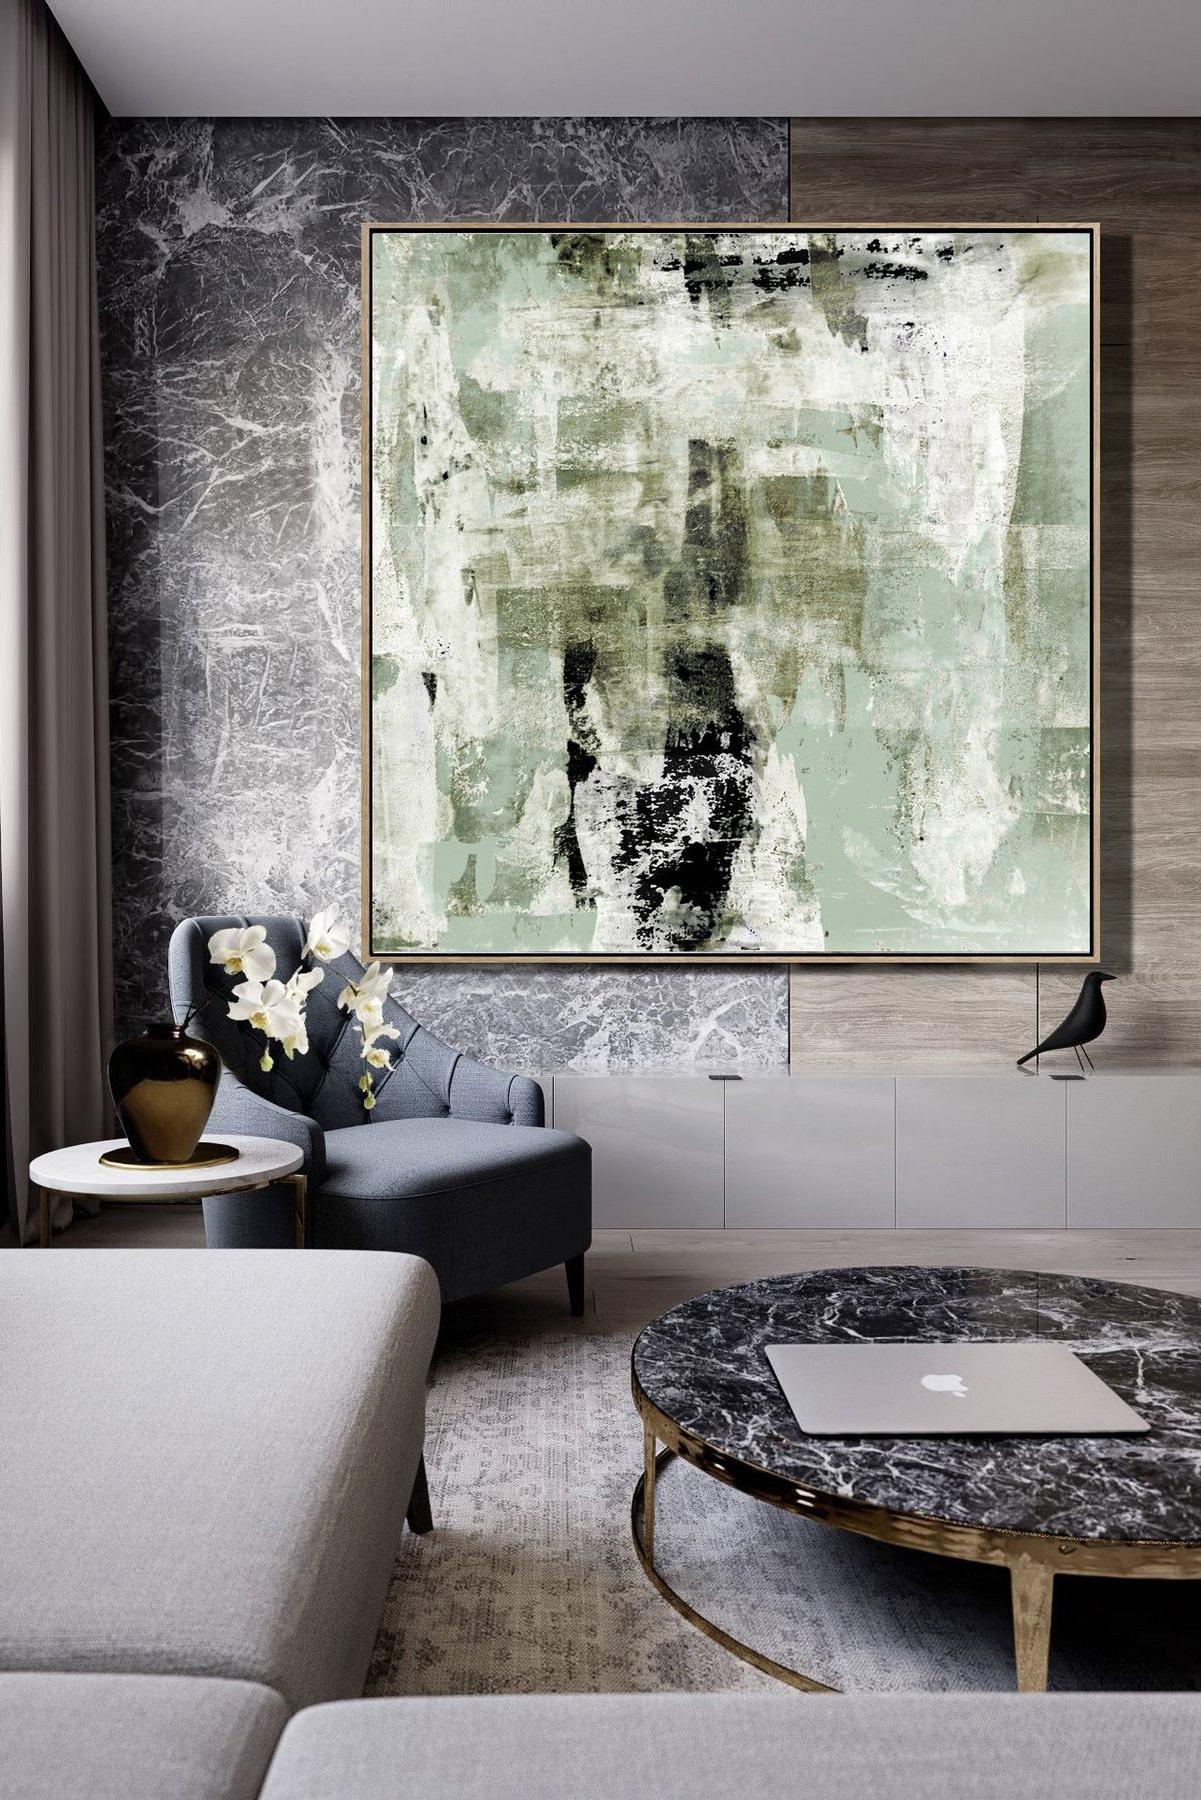 Peinture abstraite pour le salon.